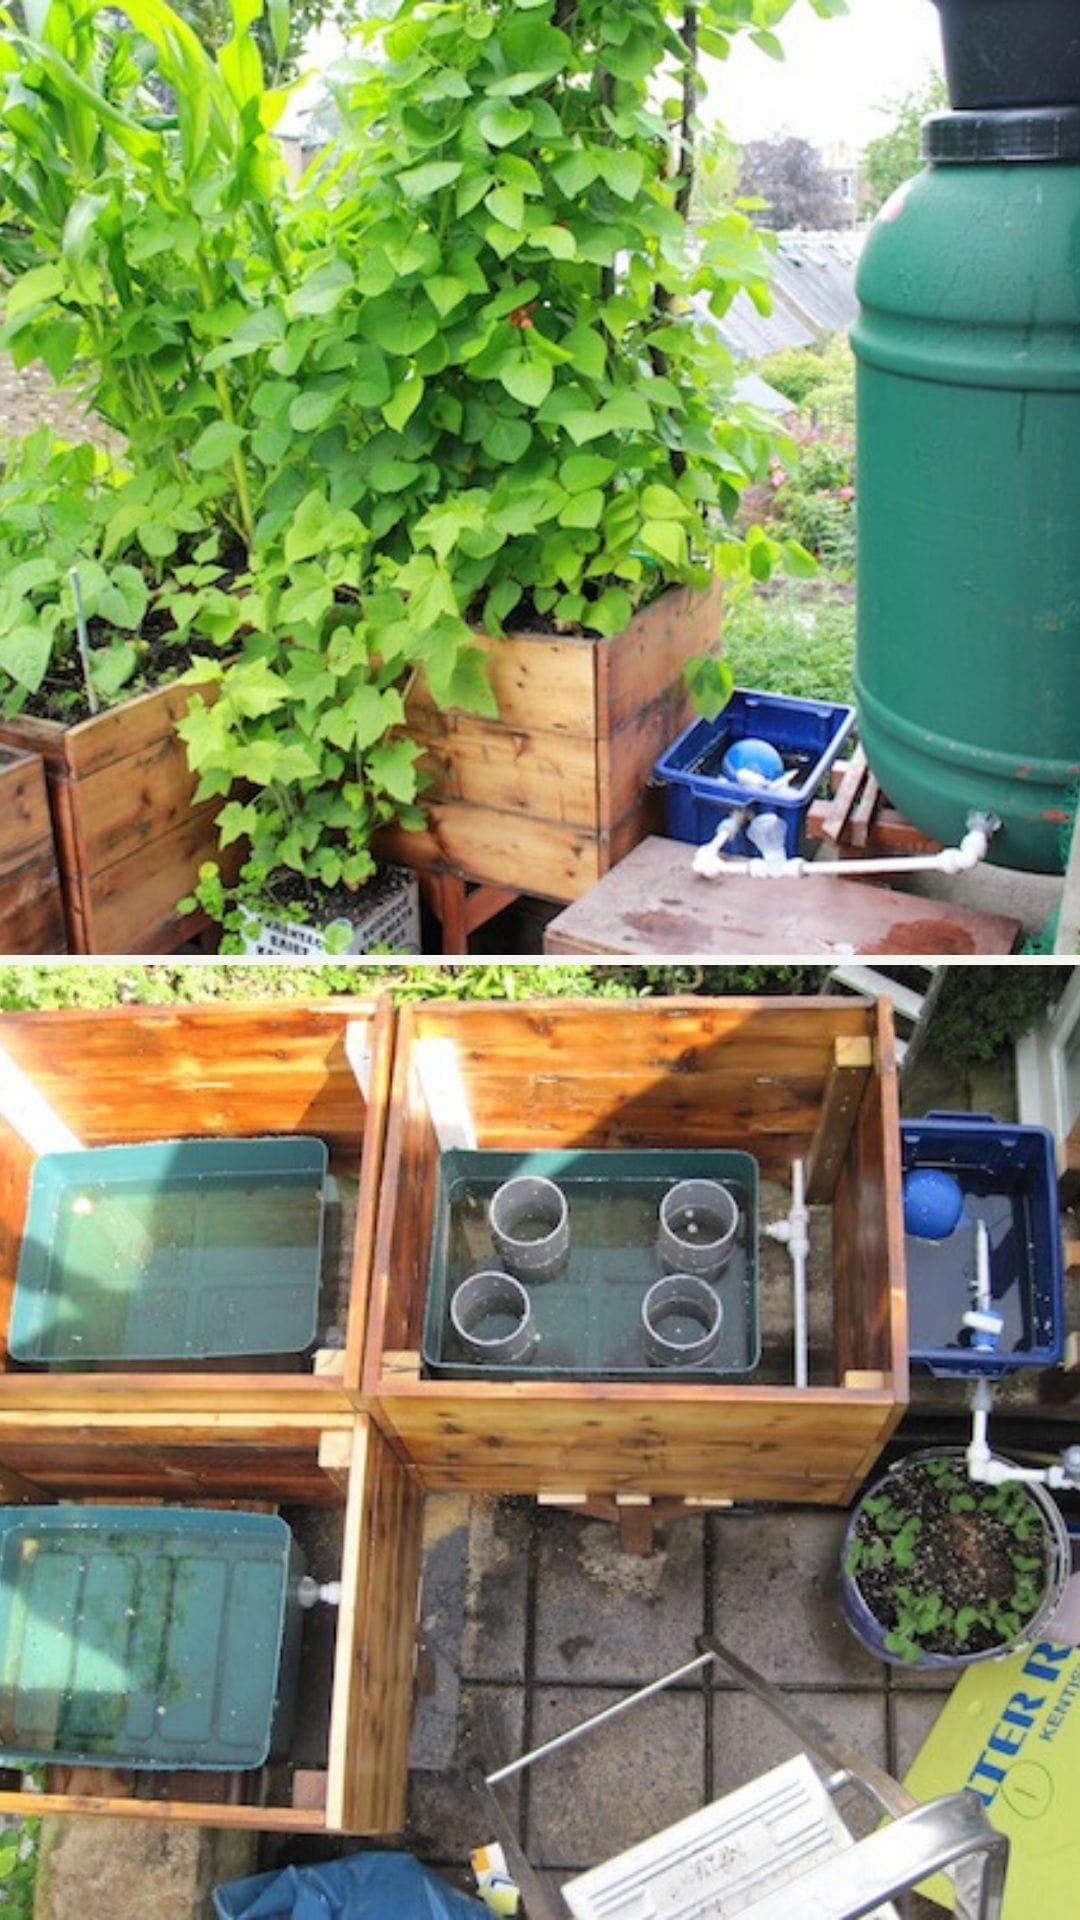 Self watering growing system